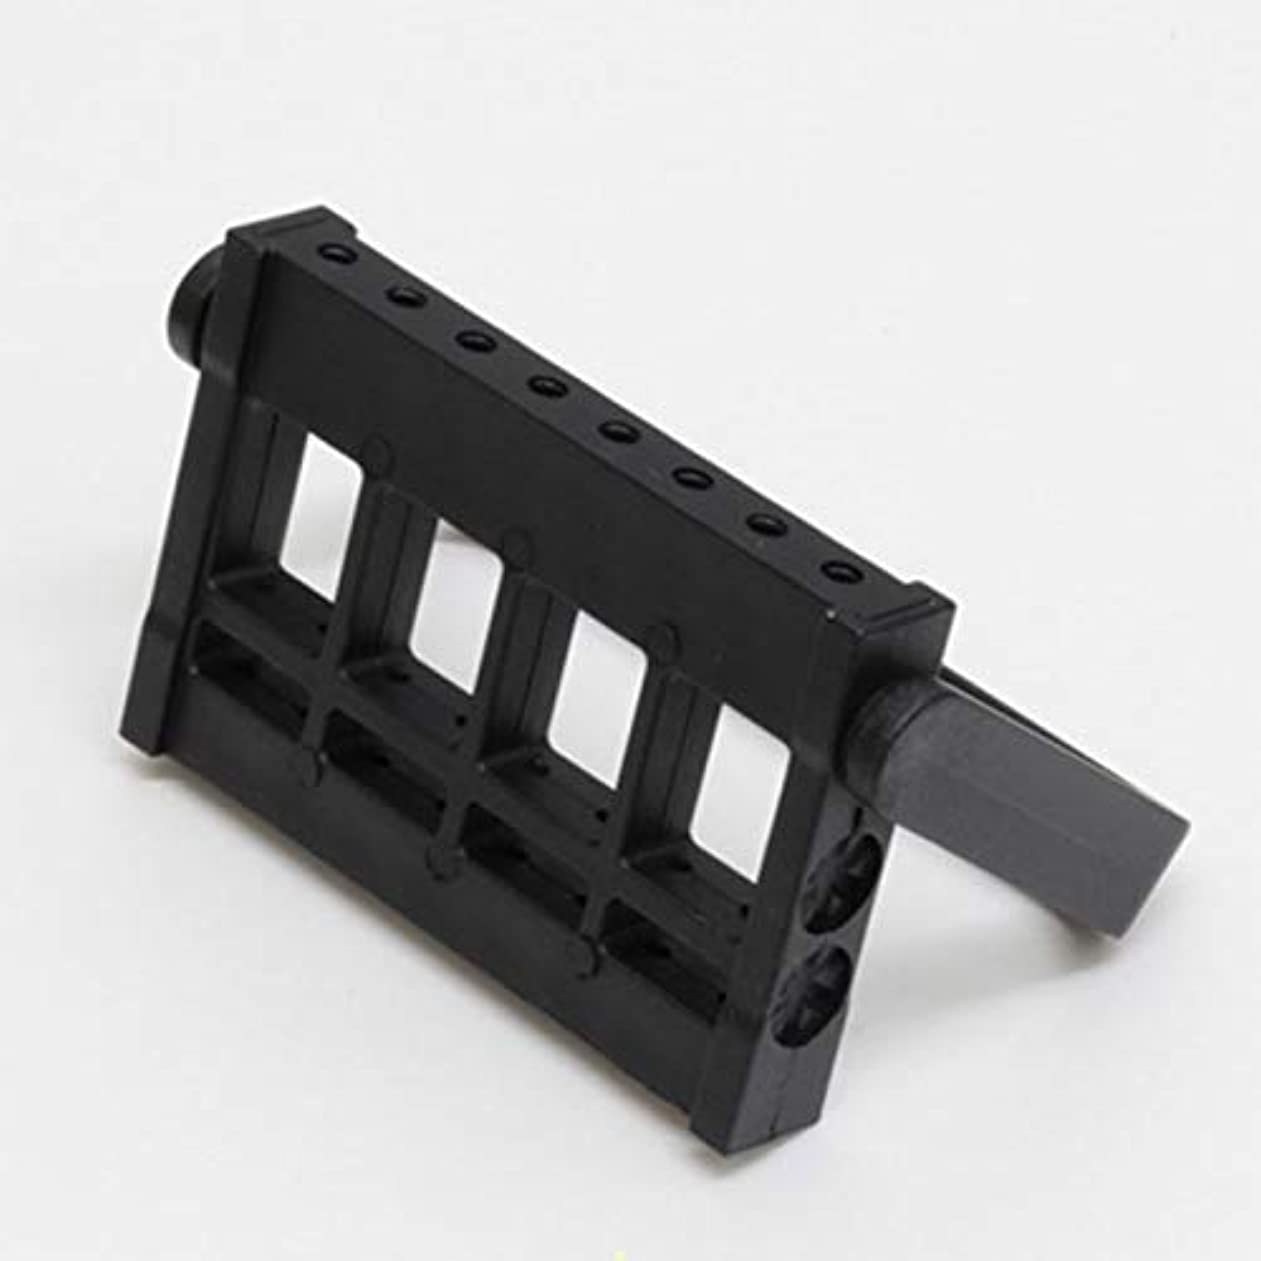 製造想起カロリーSHAREYDVA シャレドワ ビットスタンド (8本用) ブラック